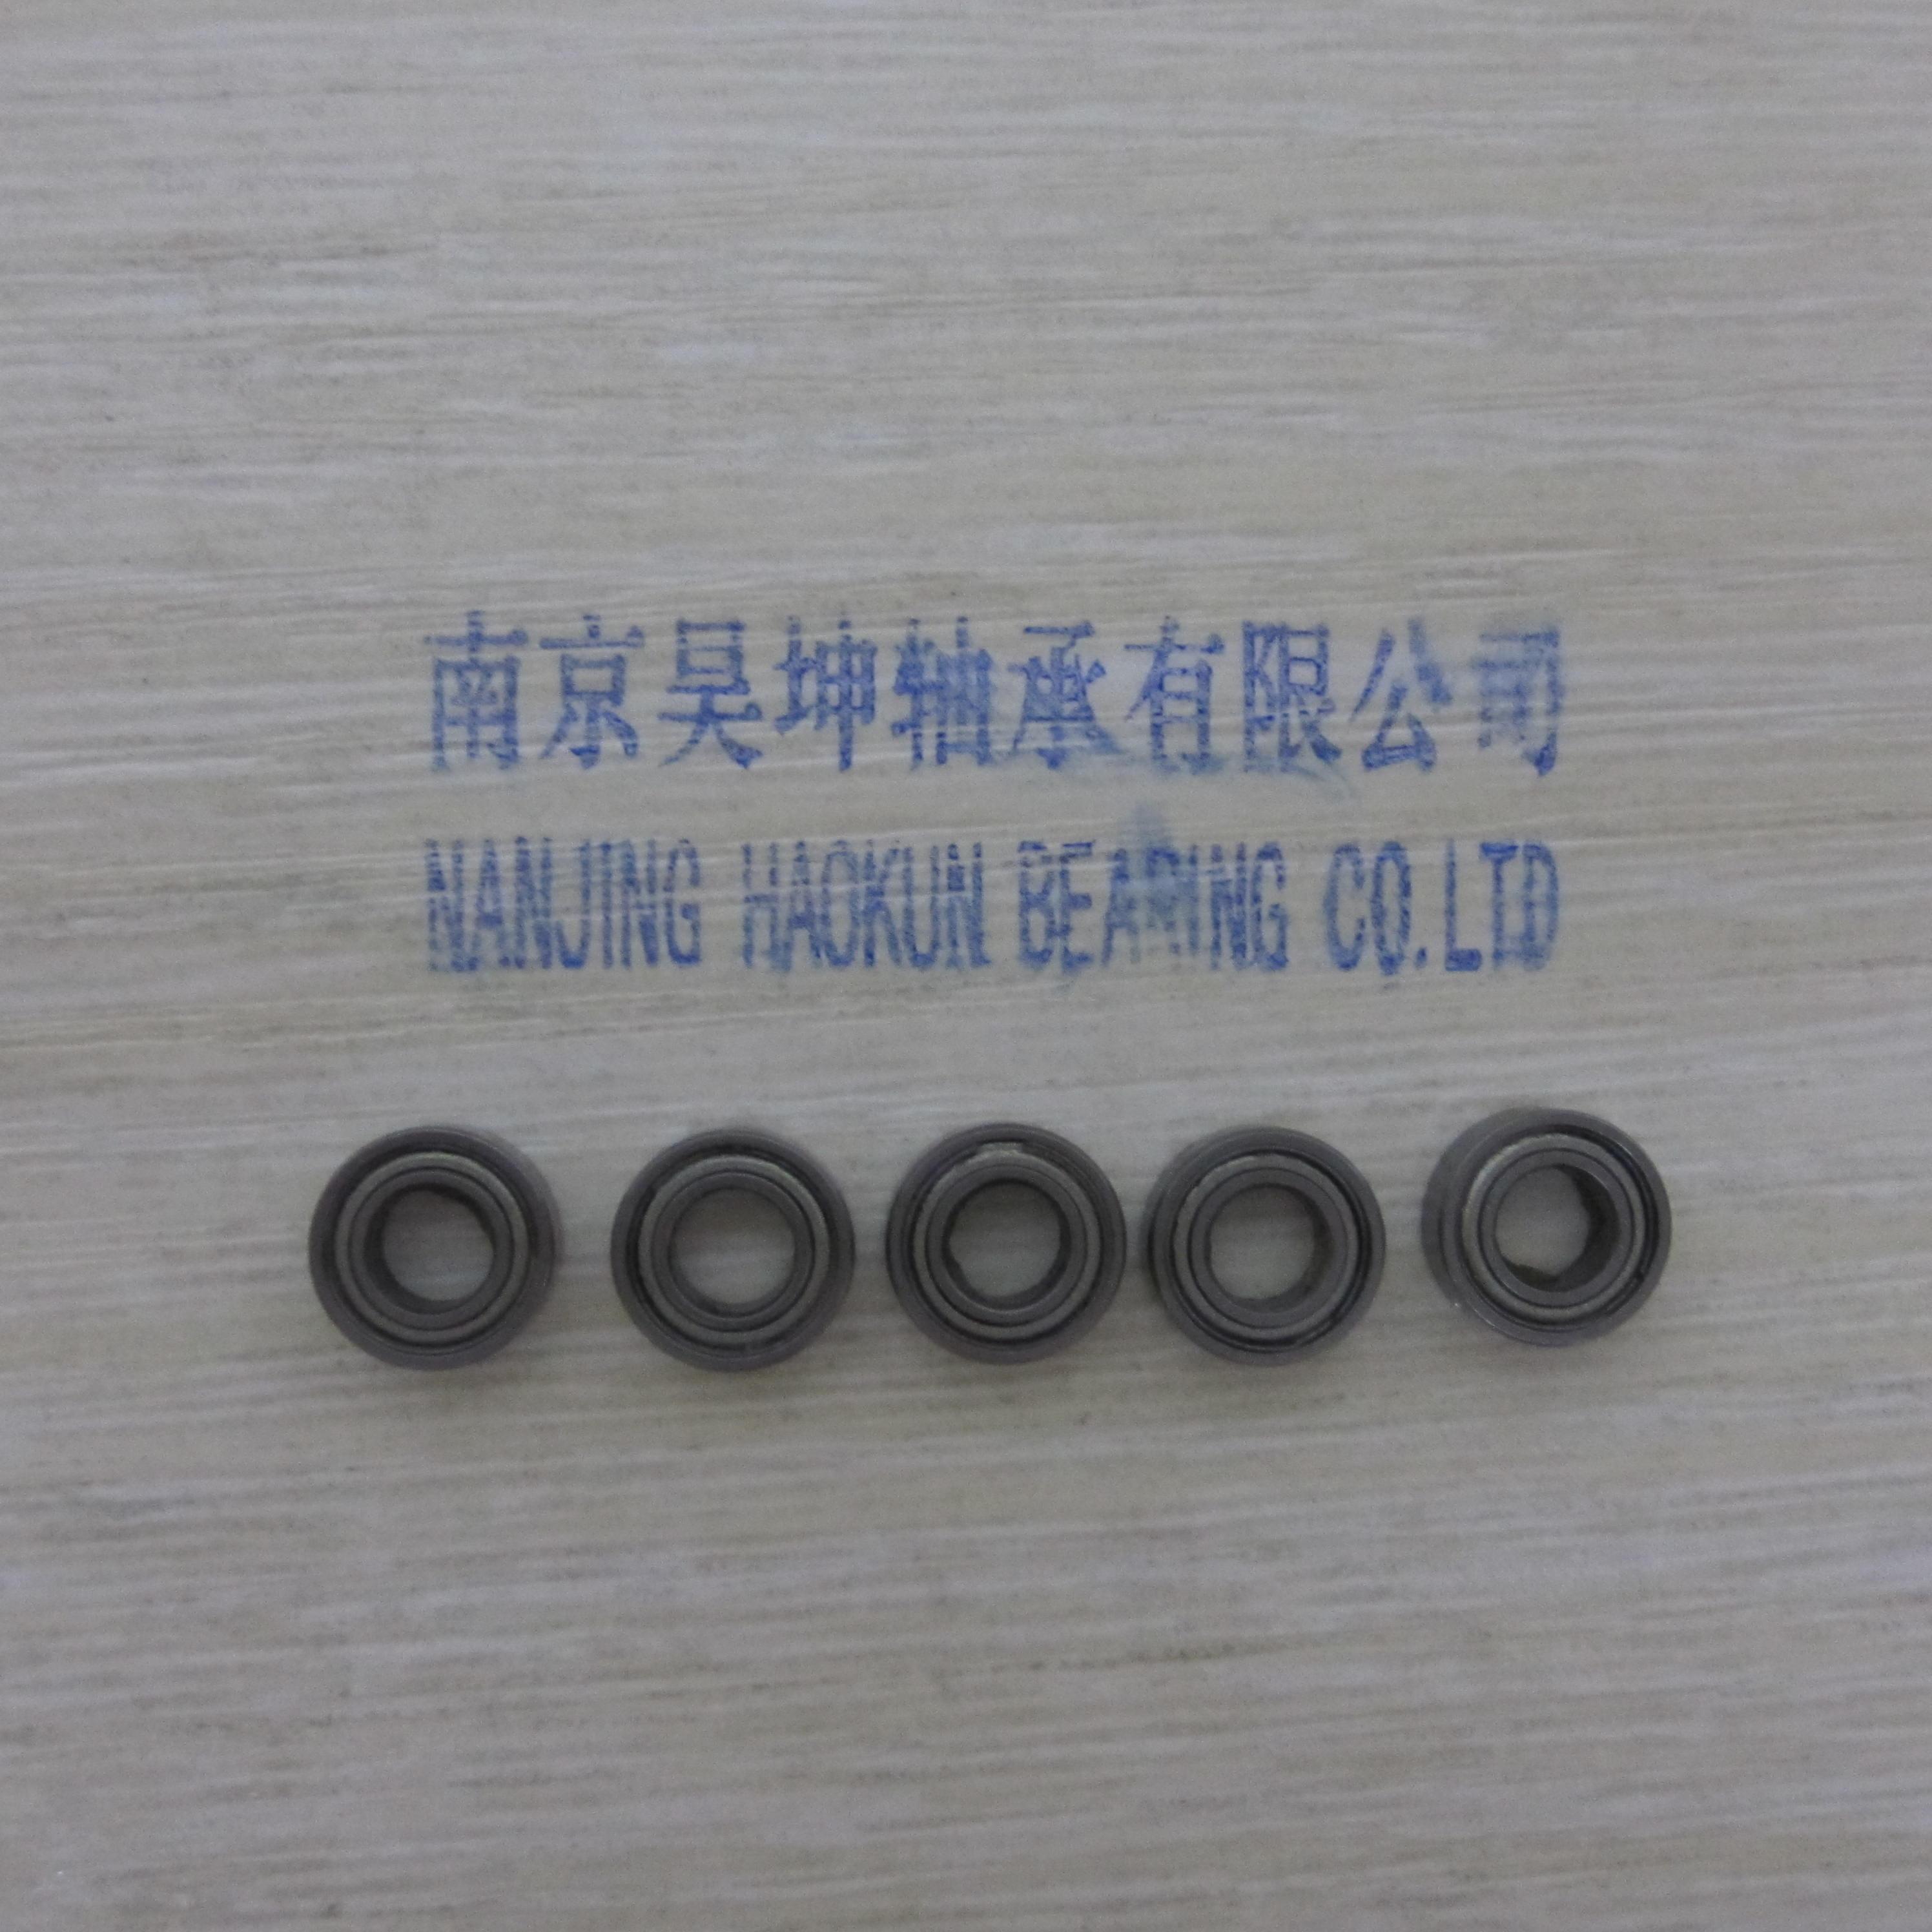 S686 ZZ CB ABEC7 6x13x5 mm s686zz Germany Hybrid ceramic si3n4 balls+ ss rings ball bearingS686 ZZ CB ABEC7 6x13x5 mm s686zz Germany Hybrid ceramic si3n4 balls+ ss rings ball bearing